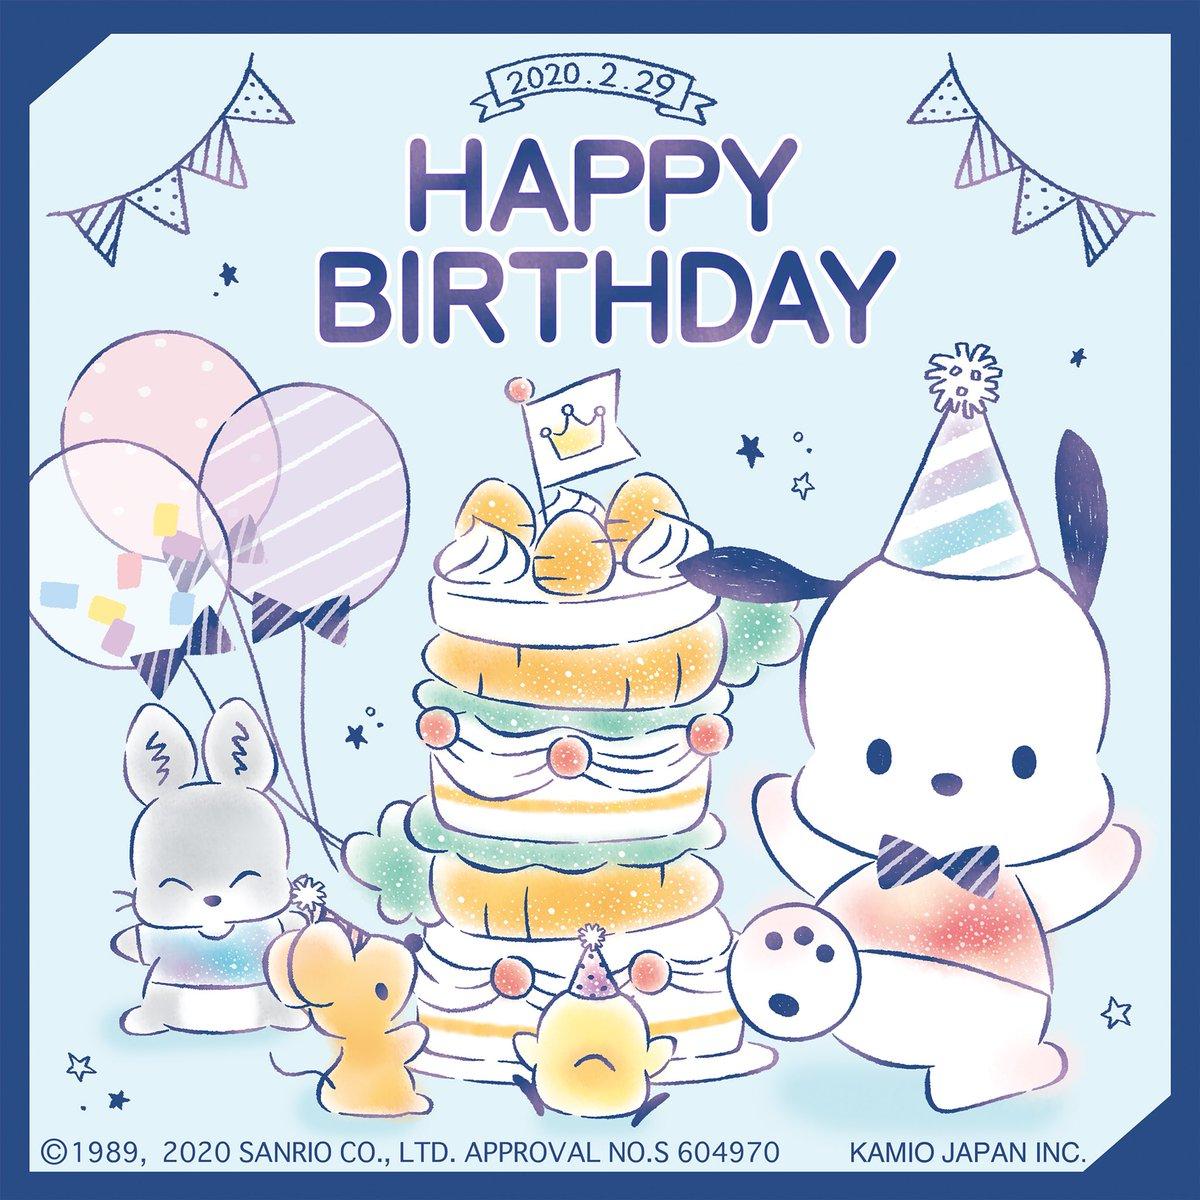 ✨🥕2月29日🥕✨今日は、4年に1度のうるう年にやって来るポチャッコのお誕生日!!✨💕お誕生日おめでとう💕✨楽しいこといっぱいの1年になりますように♪ #ポチャッコ生誕祭 #ポチャッコ #ぽちゃっこ #POCHACCO